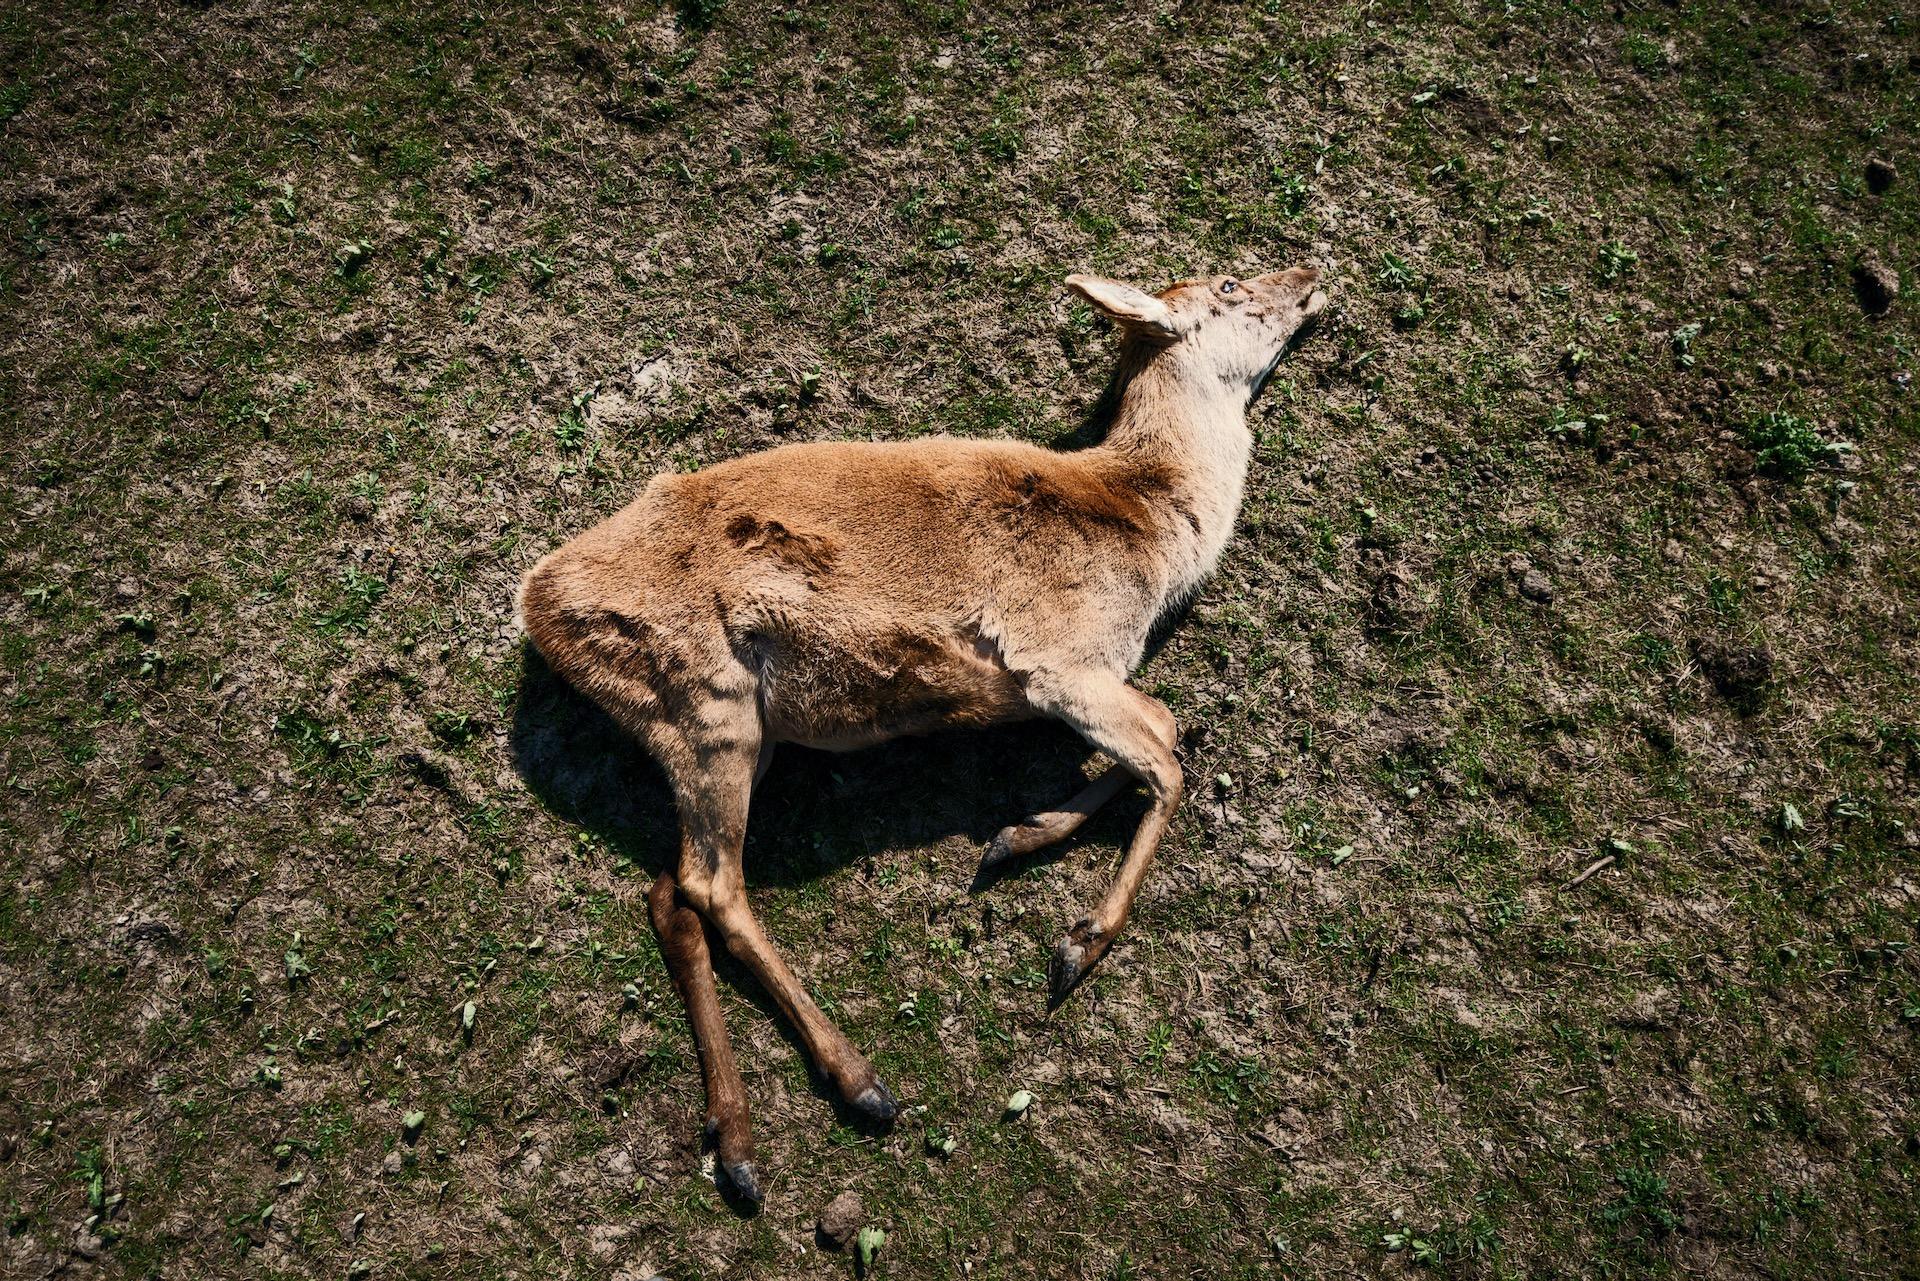 1/7 NB serie begonnen in 2018, voltooid in 2019. Serie over het kadaver van een geschoten hert in de Oostvaardersplassen.